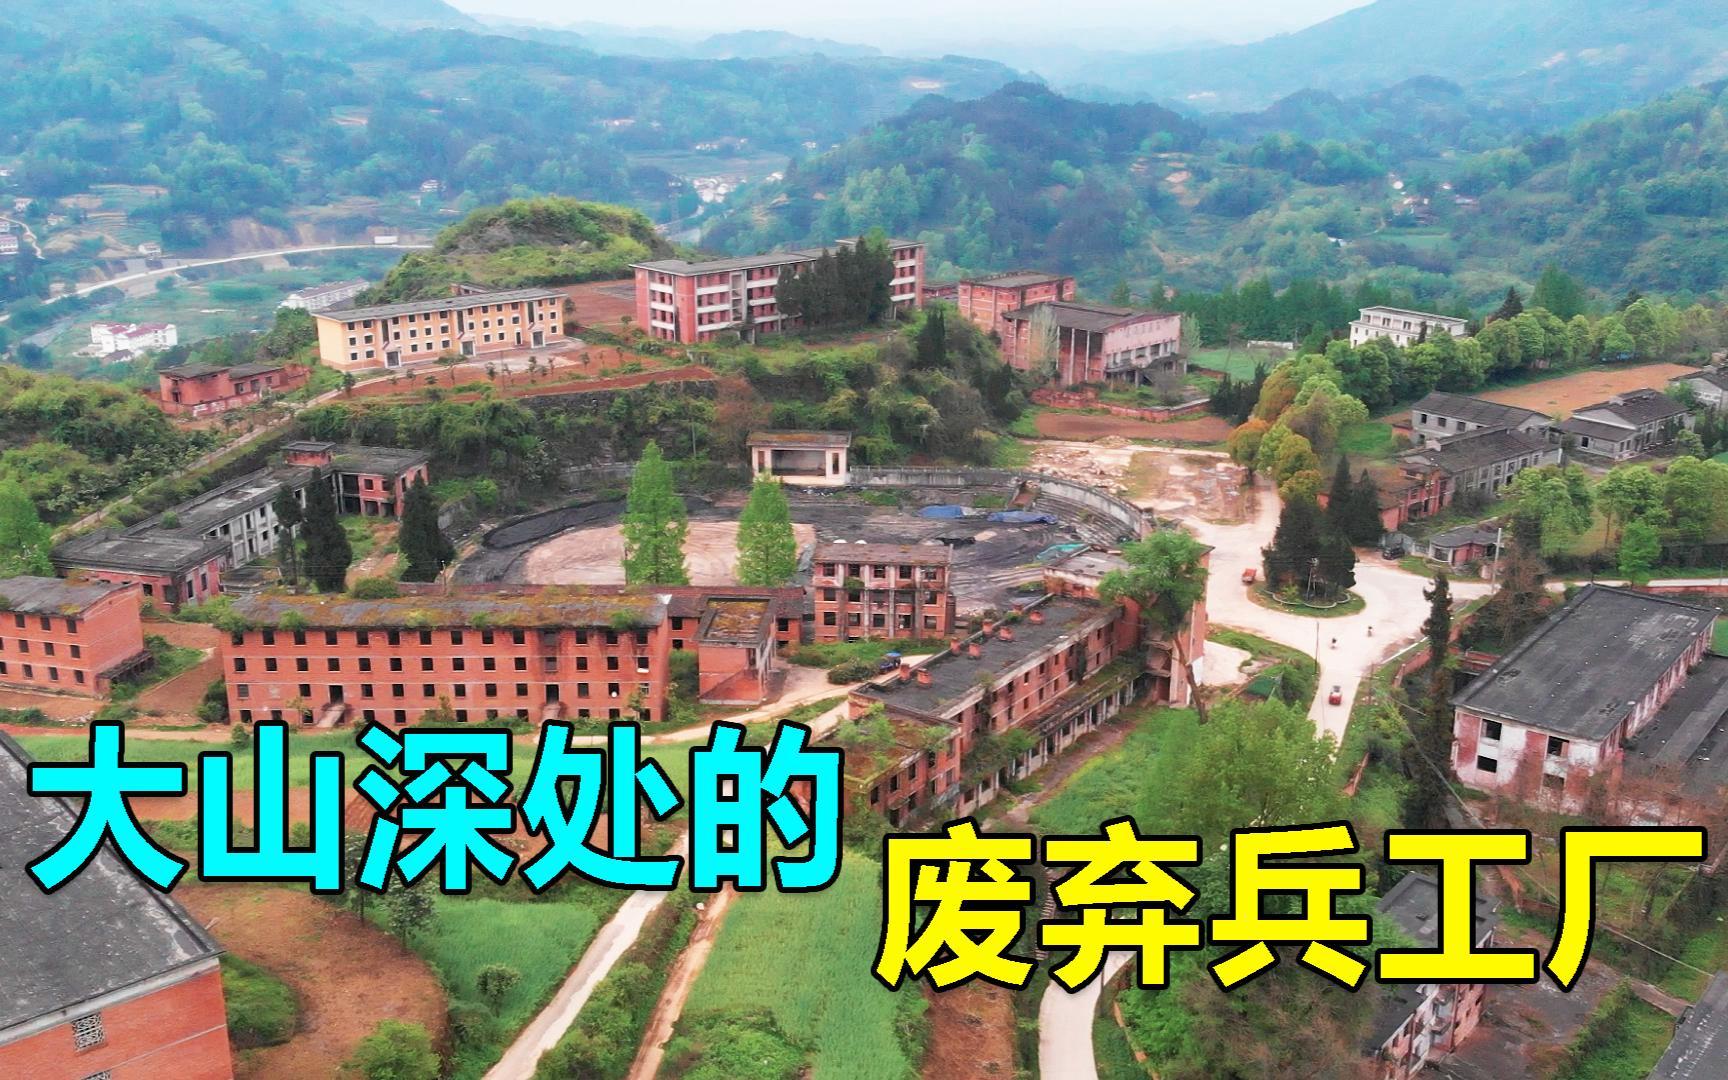 实拍大山里的废弃兵工厂,曾有上万人在这里生活,如今成了这样子